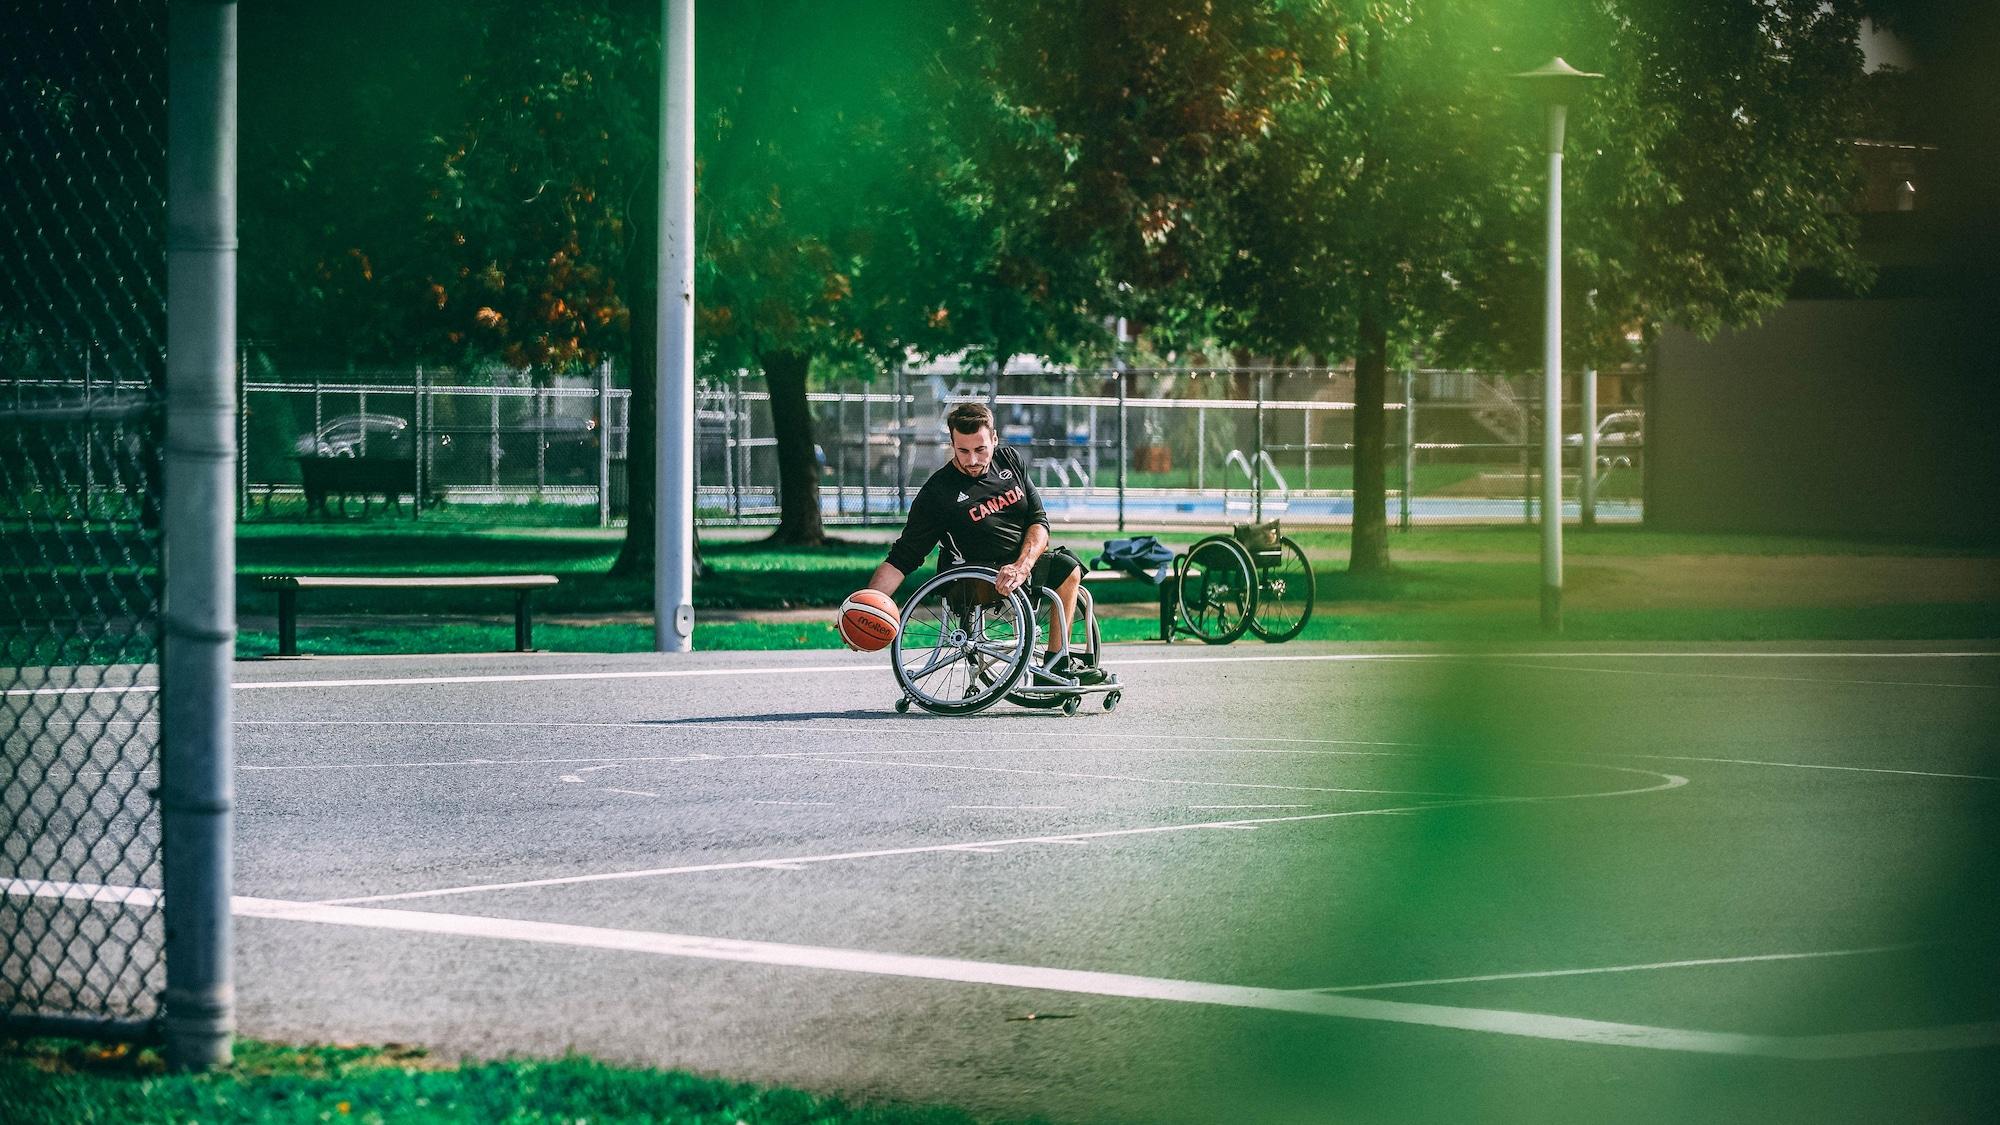 Jonathan Vermette dribble avec le ballon pendant une séance d'entraînement.